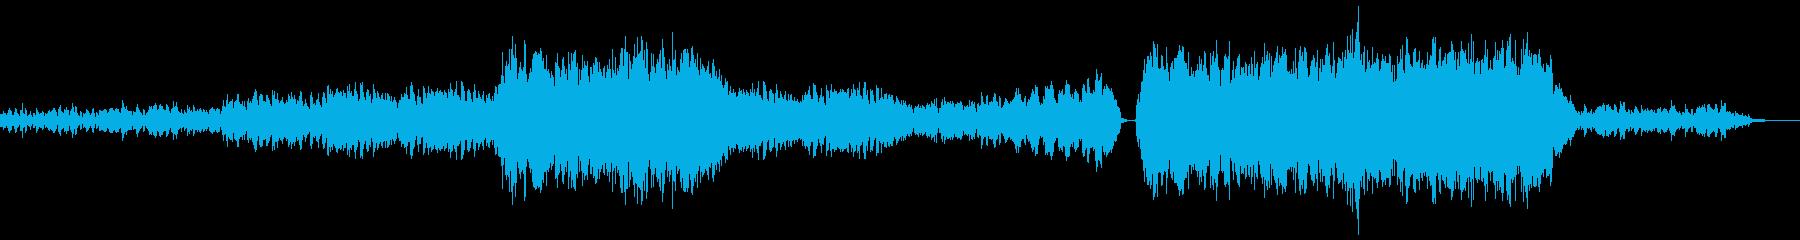 切なさと爽やかさを出したインスト曲の再生済みの波形